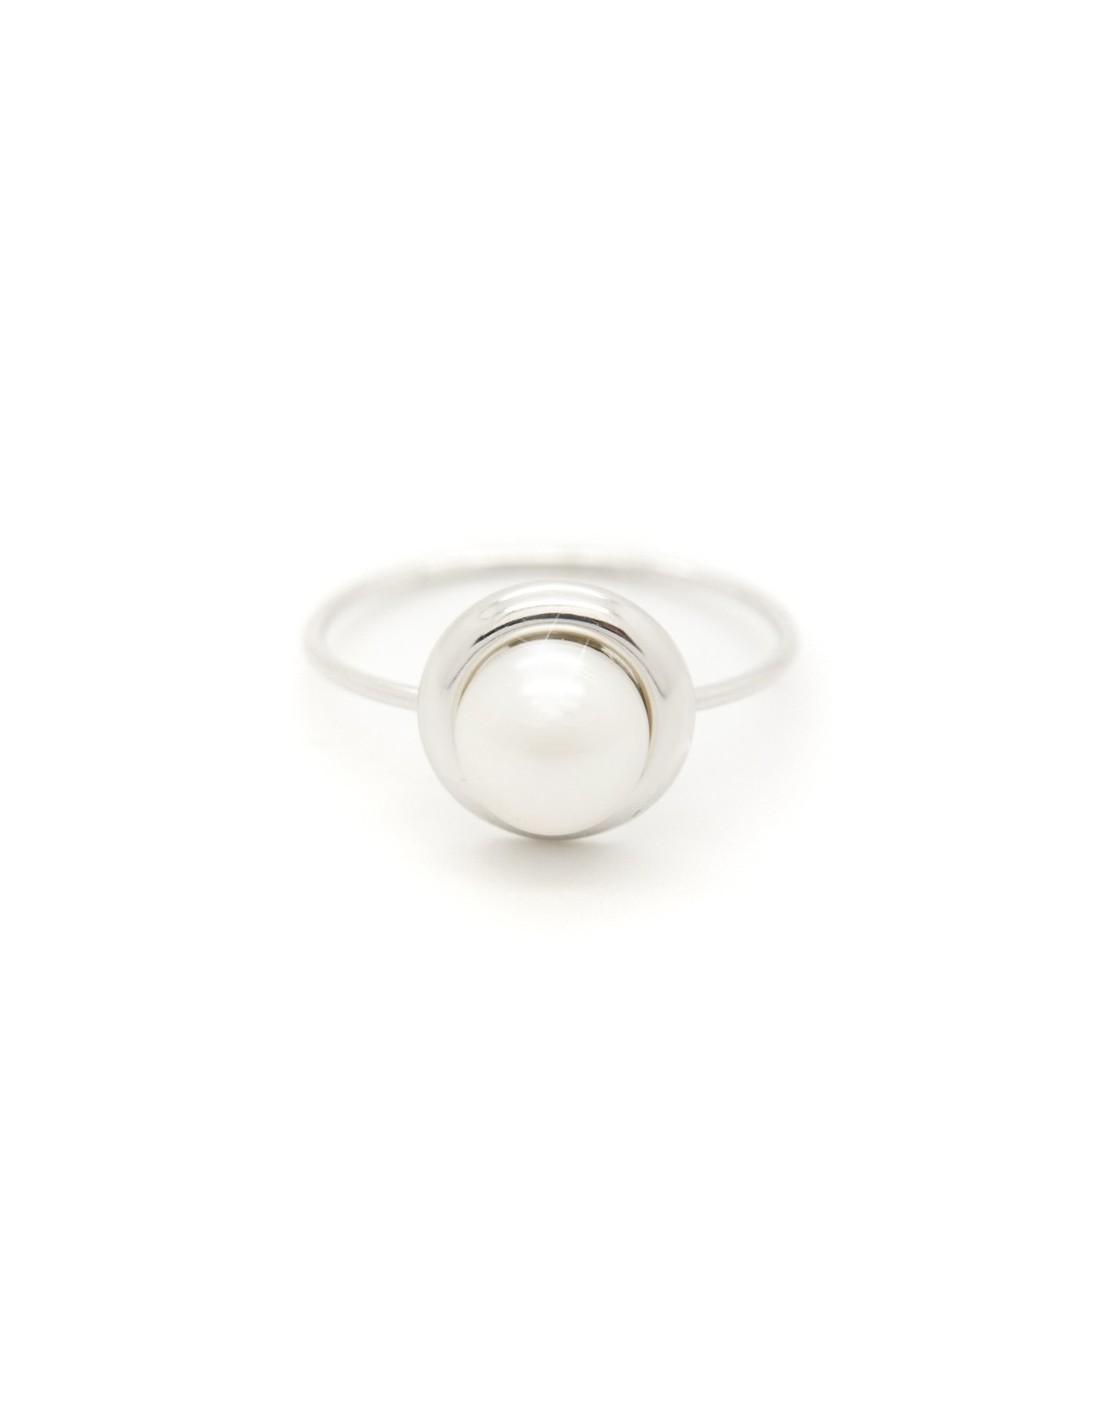 Δαχτυλίδι ασημένιο με γνήσιο μαργαριτάρι γλυκού νερού DUMIS R20140703 76db58ea096